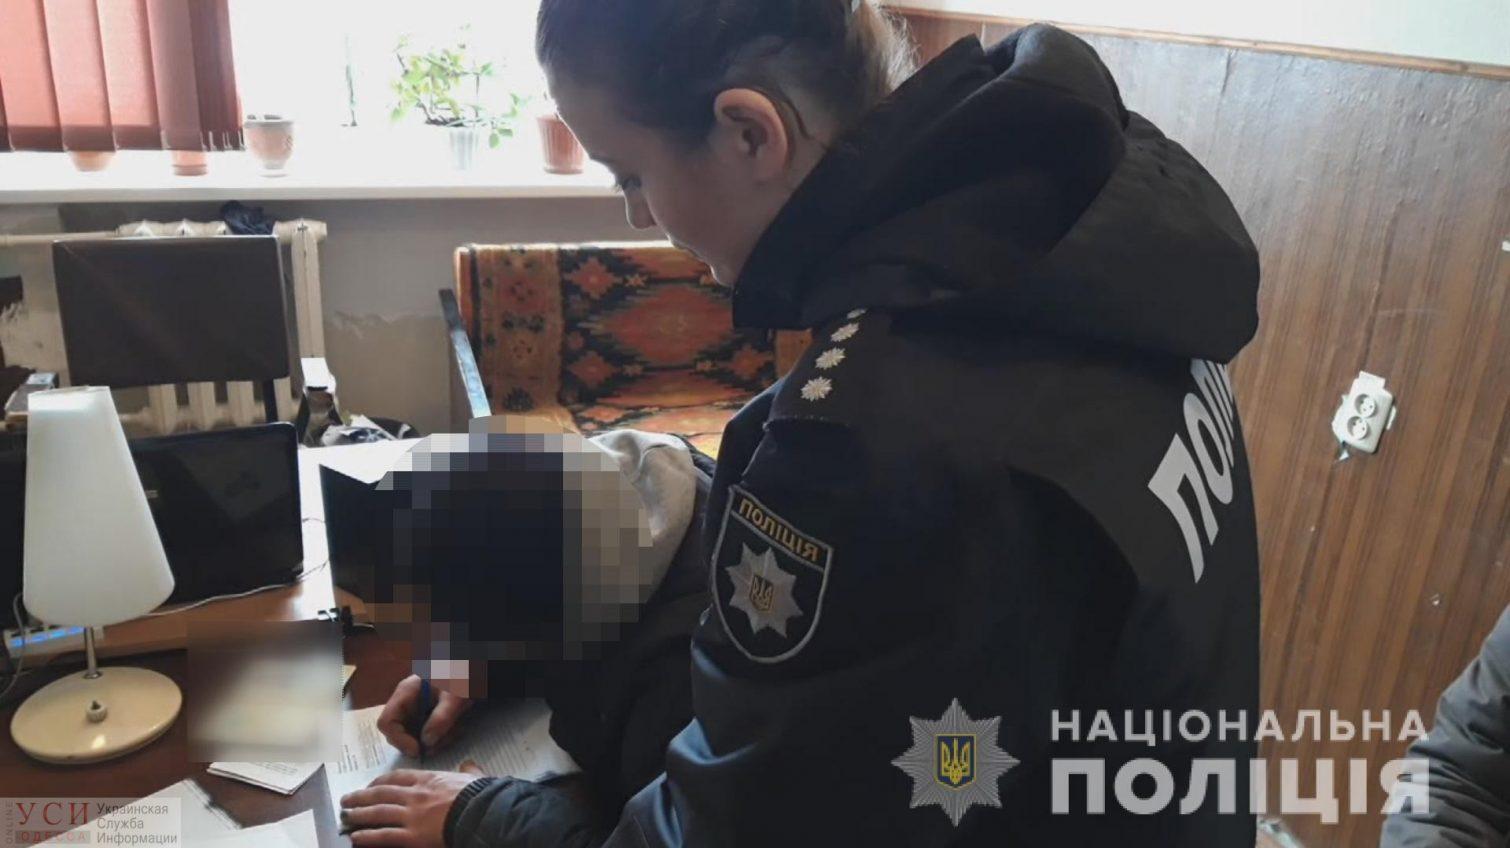 В Измаильском районе пятеро односельчан избили мужчину до смерти, а тело спрятали в багажник (фото, видео) «фото»